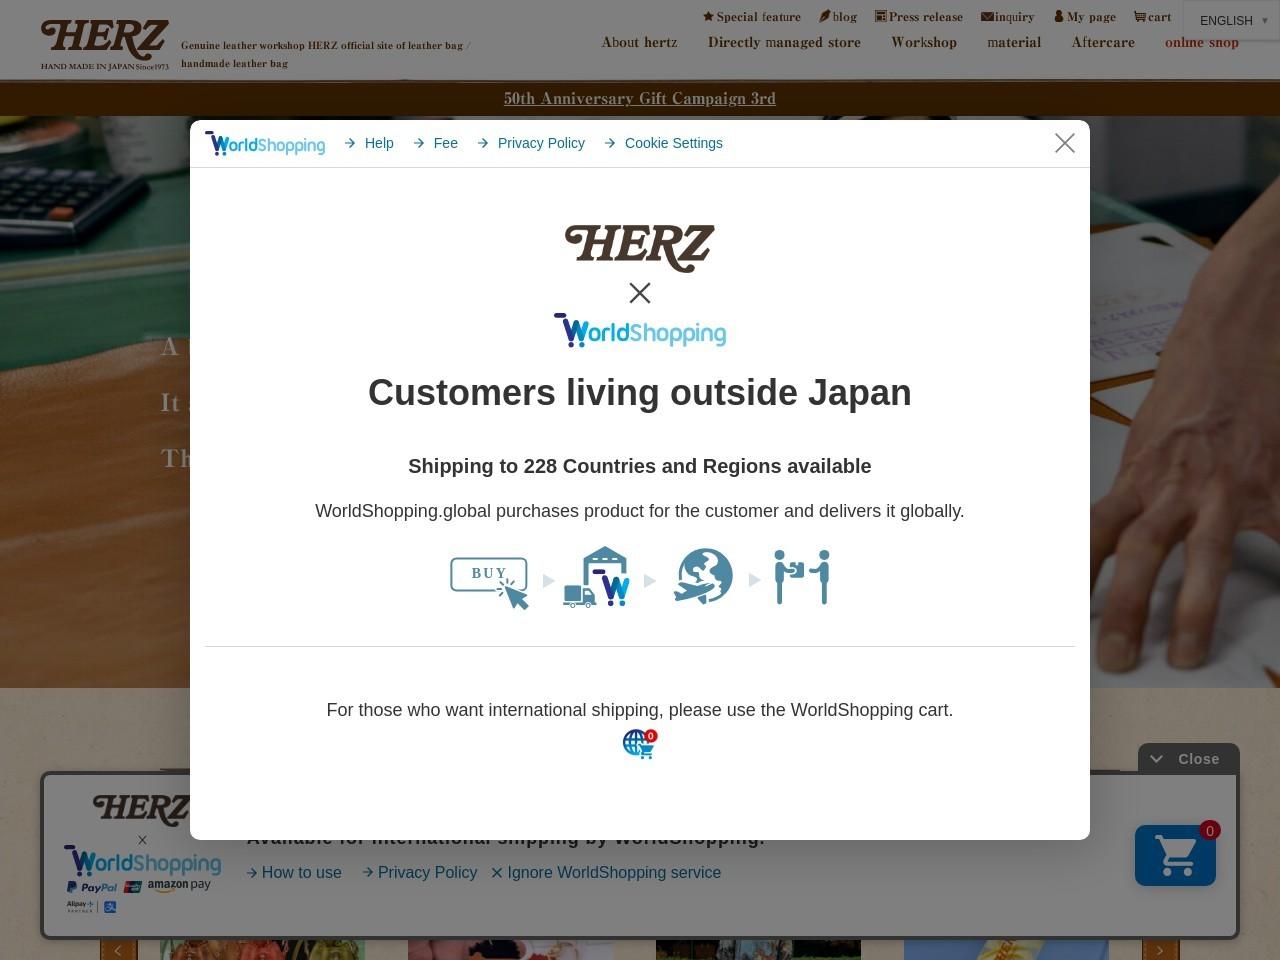 鞄・レザーバッグのHERZ(ヘルツ)公式サイト【手作り革鞄と革製品】